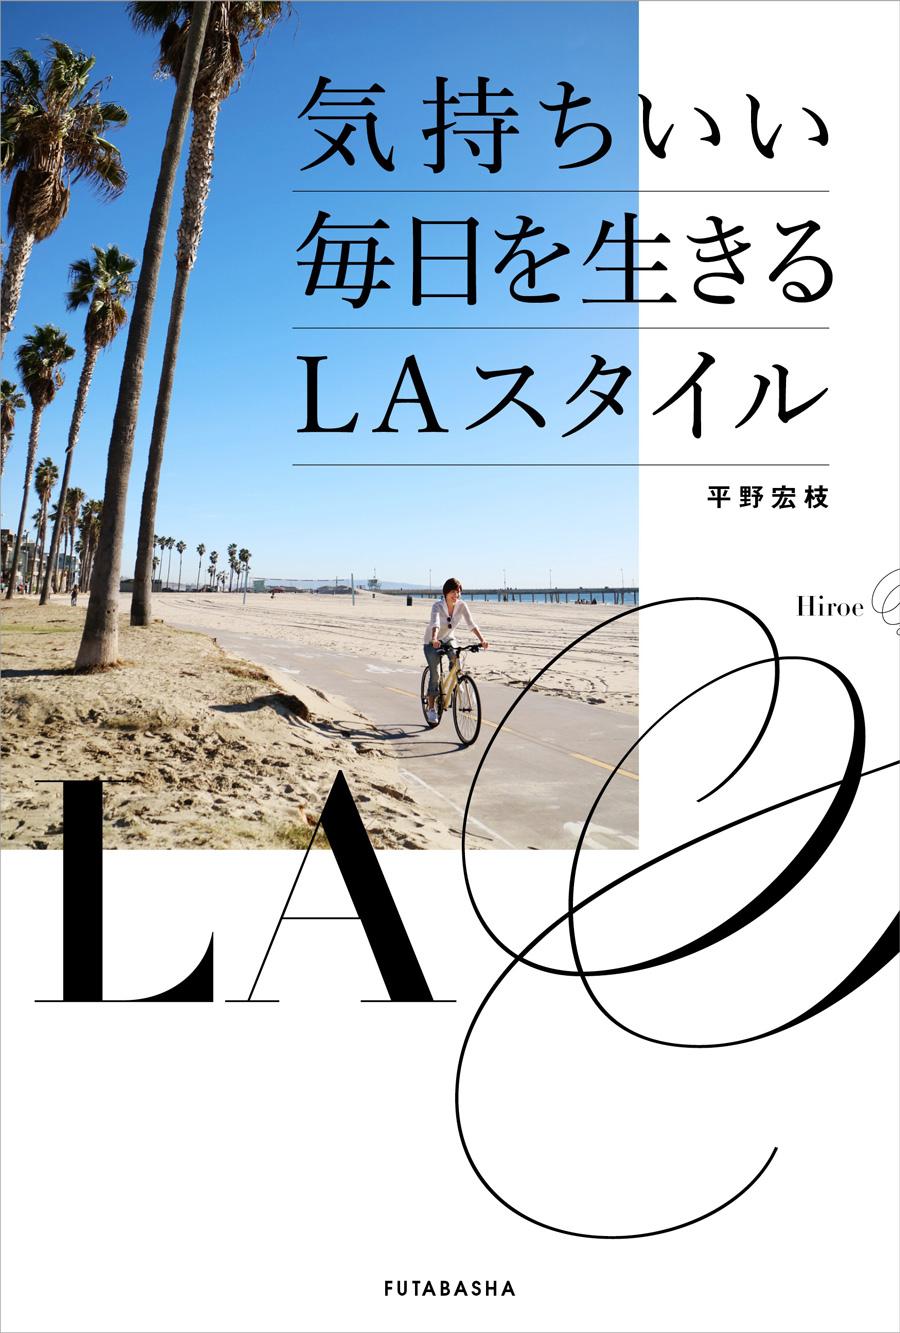 平野宏枝・初書籍『気持ちいい毎日を生きるLAスタイル』